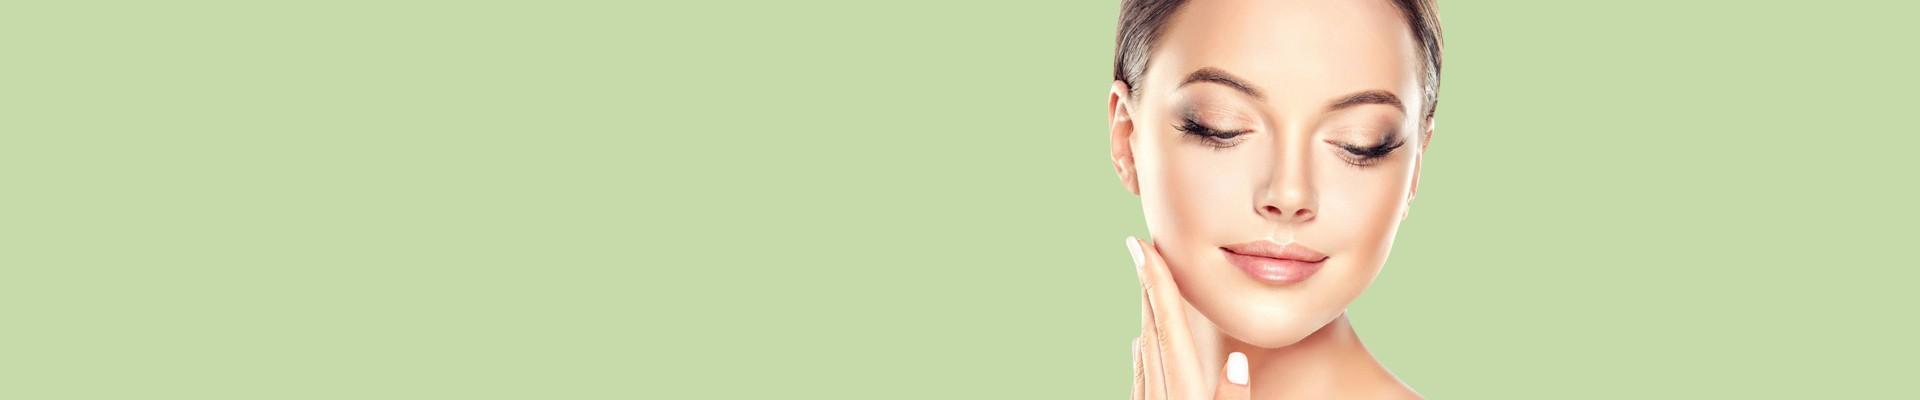 Jual Krim Wajah - Face Cream Kualitas & Harga Terbaik